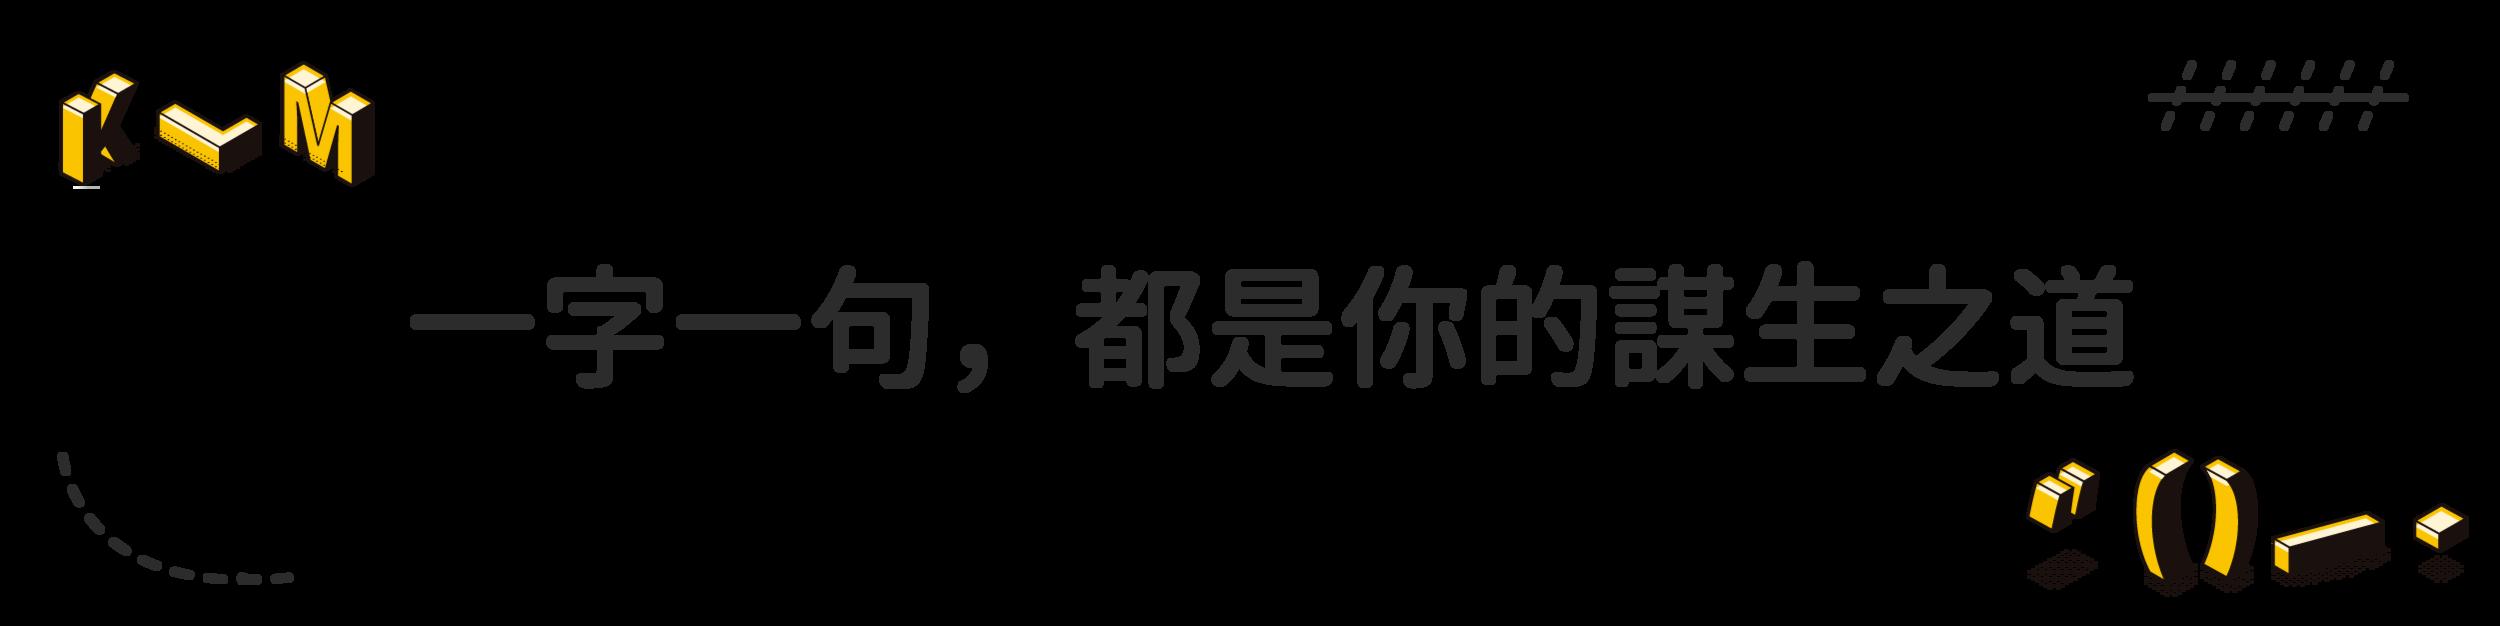 文字創作.png